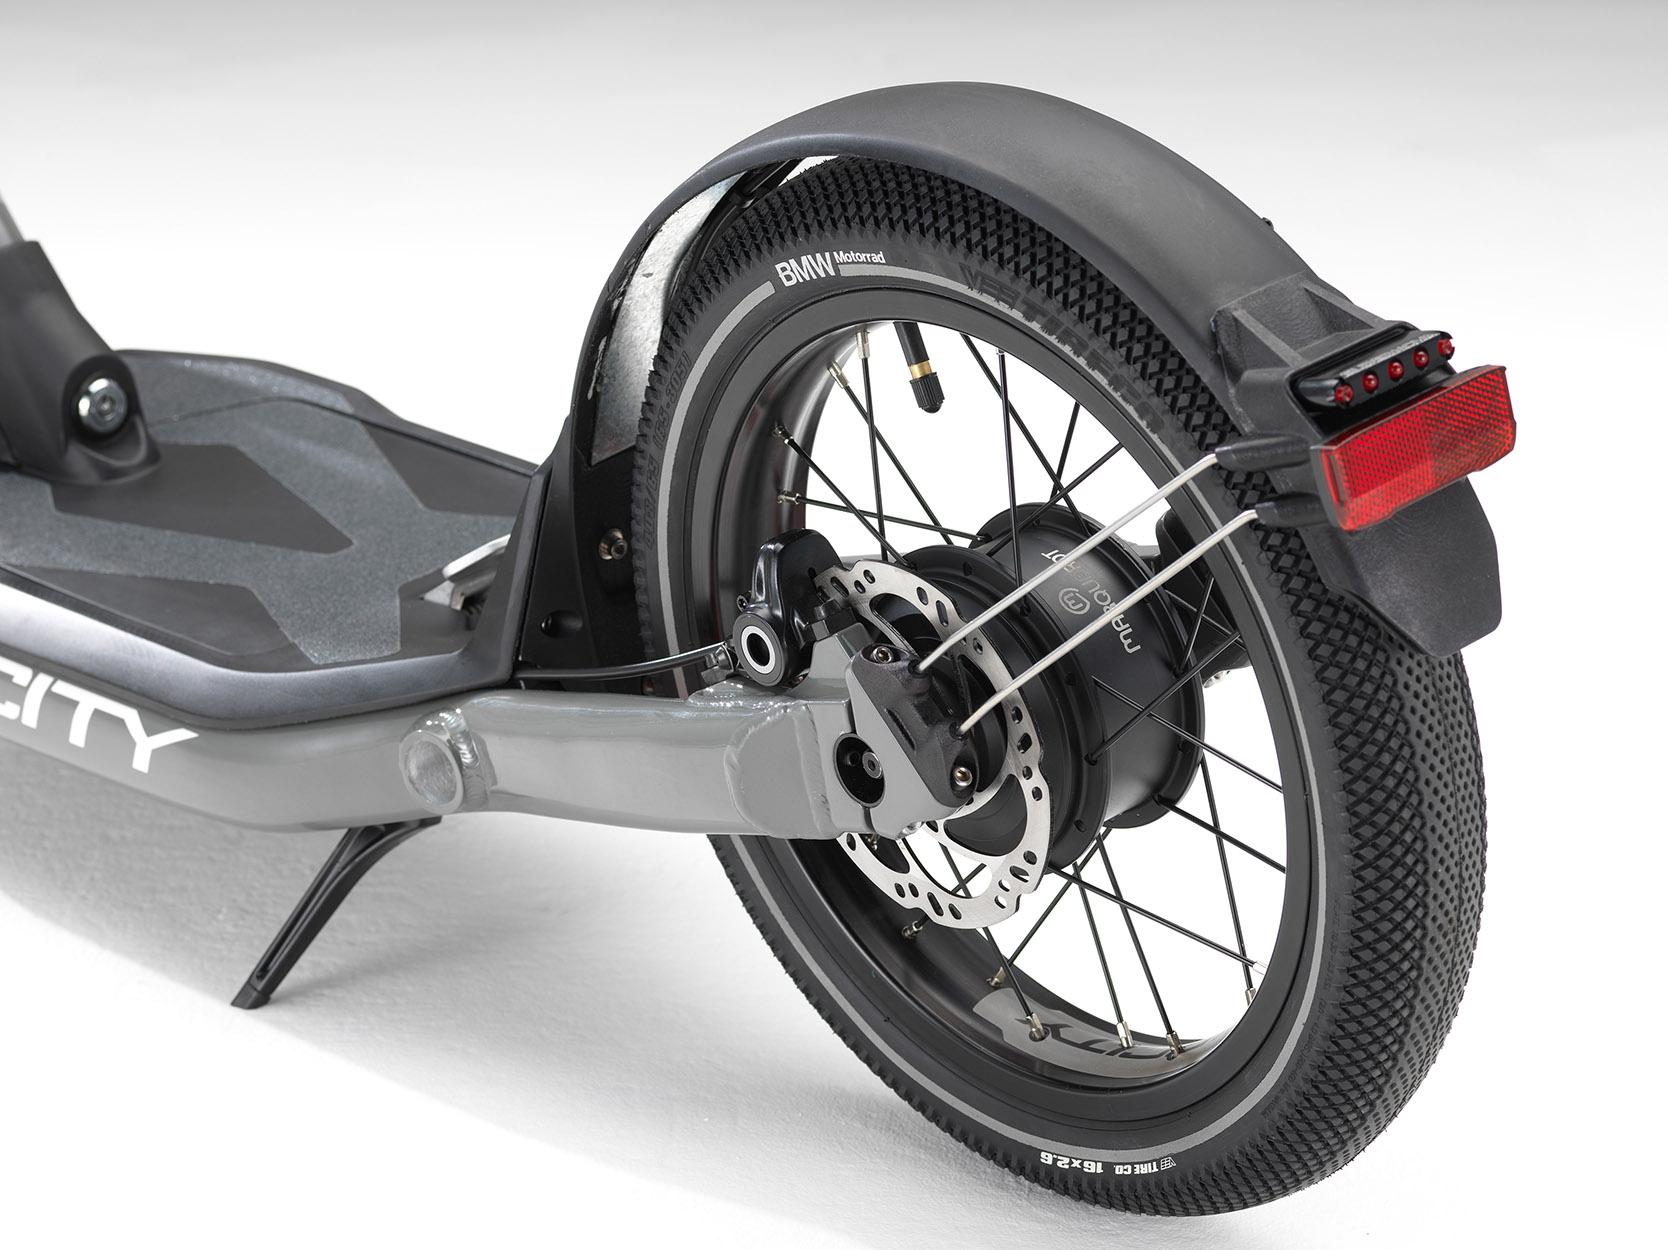 Tretroller mit E-Motor. (Quelle: BMW)